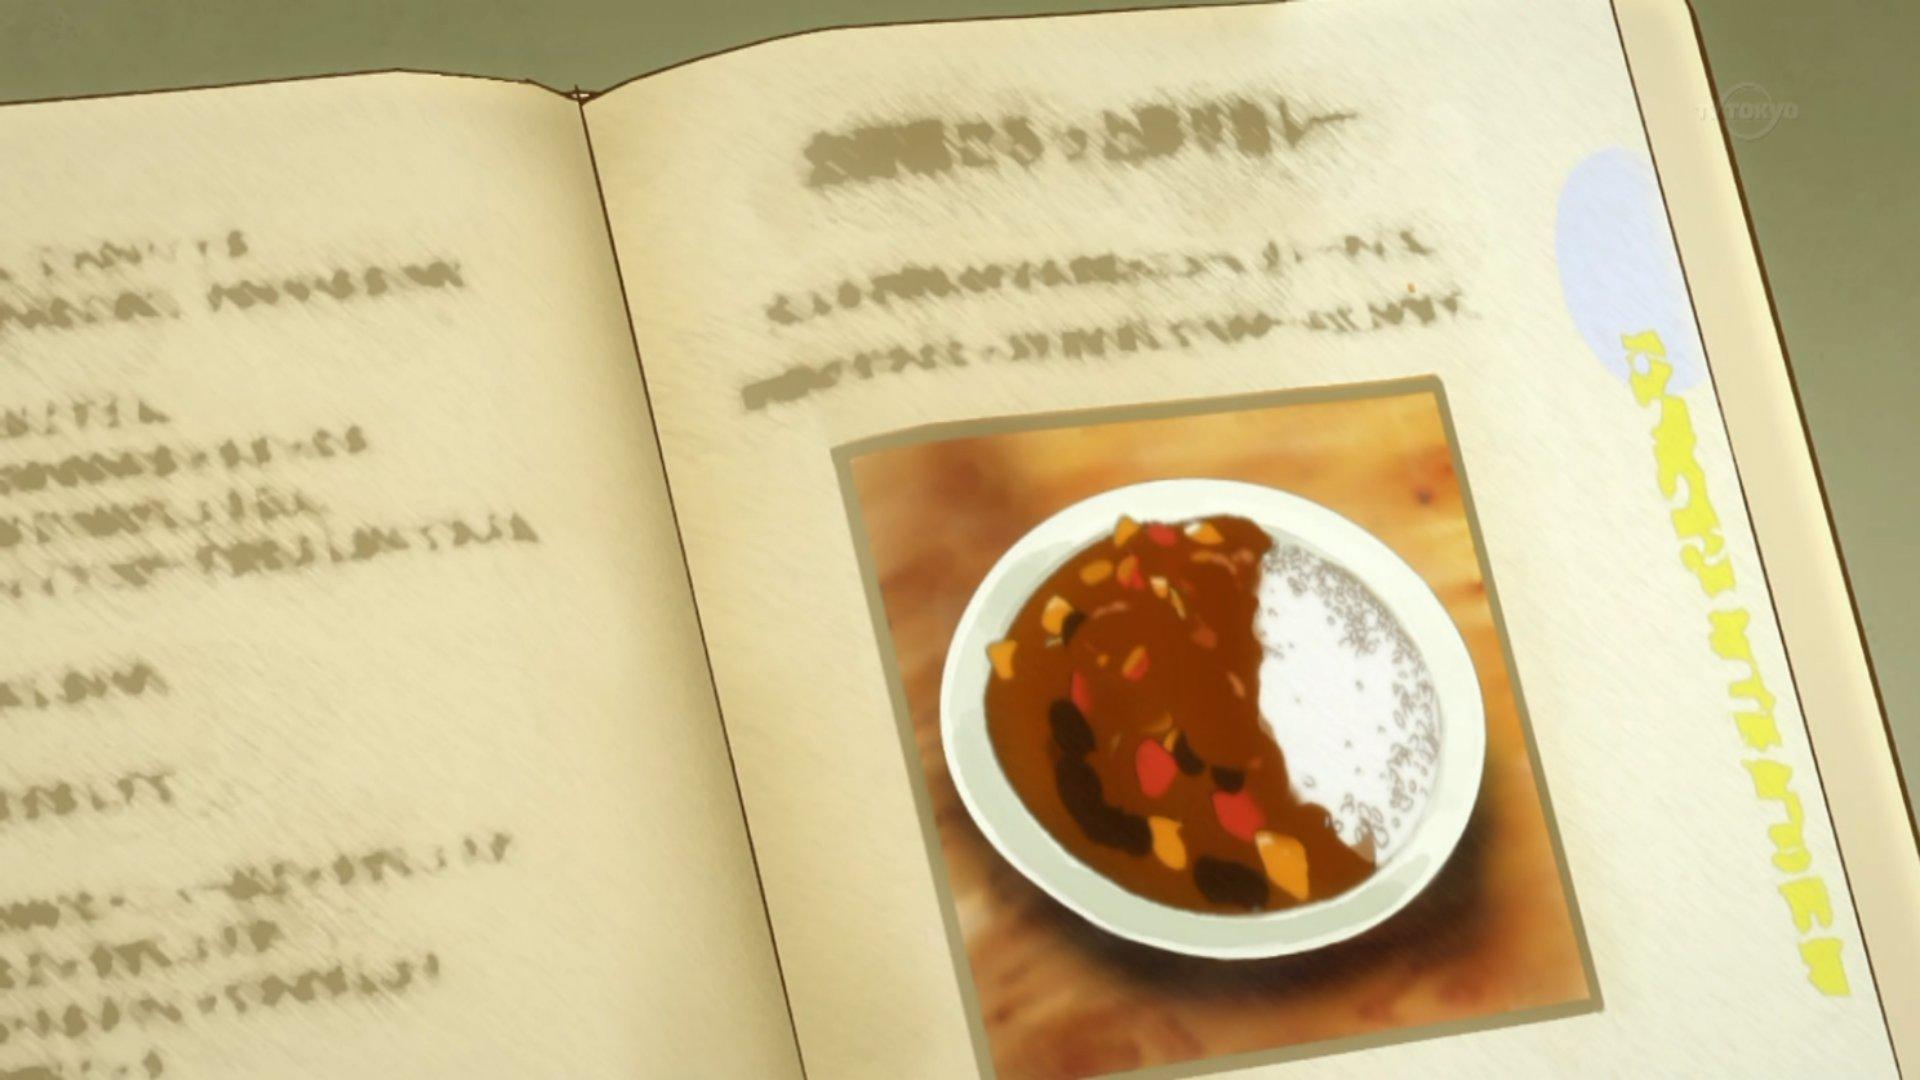 カレー #けもフレ #kemo_anime #tvtokyo https://t.co/X5VovGsWKZ